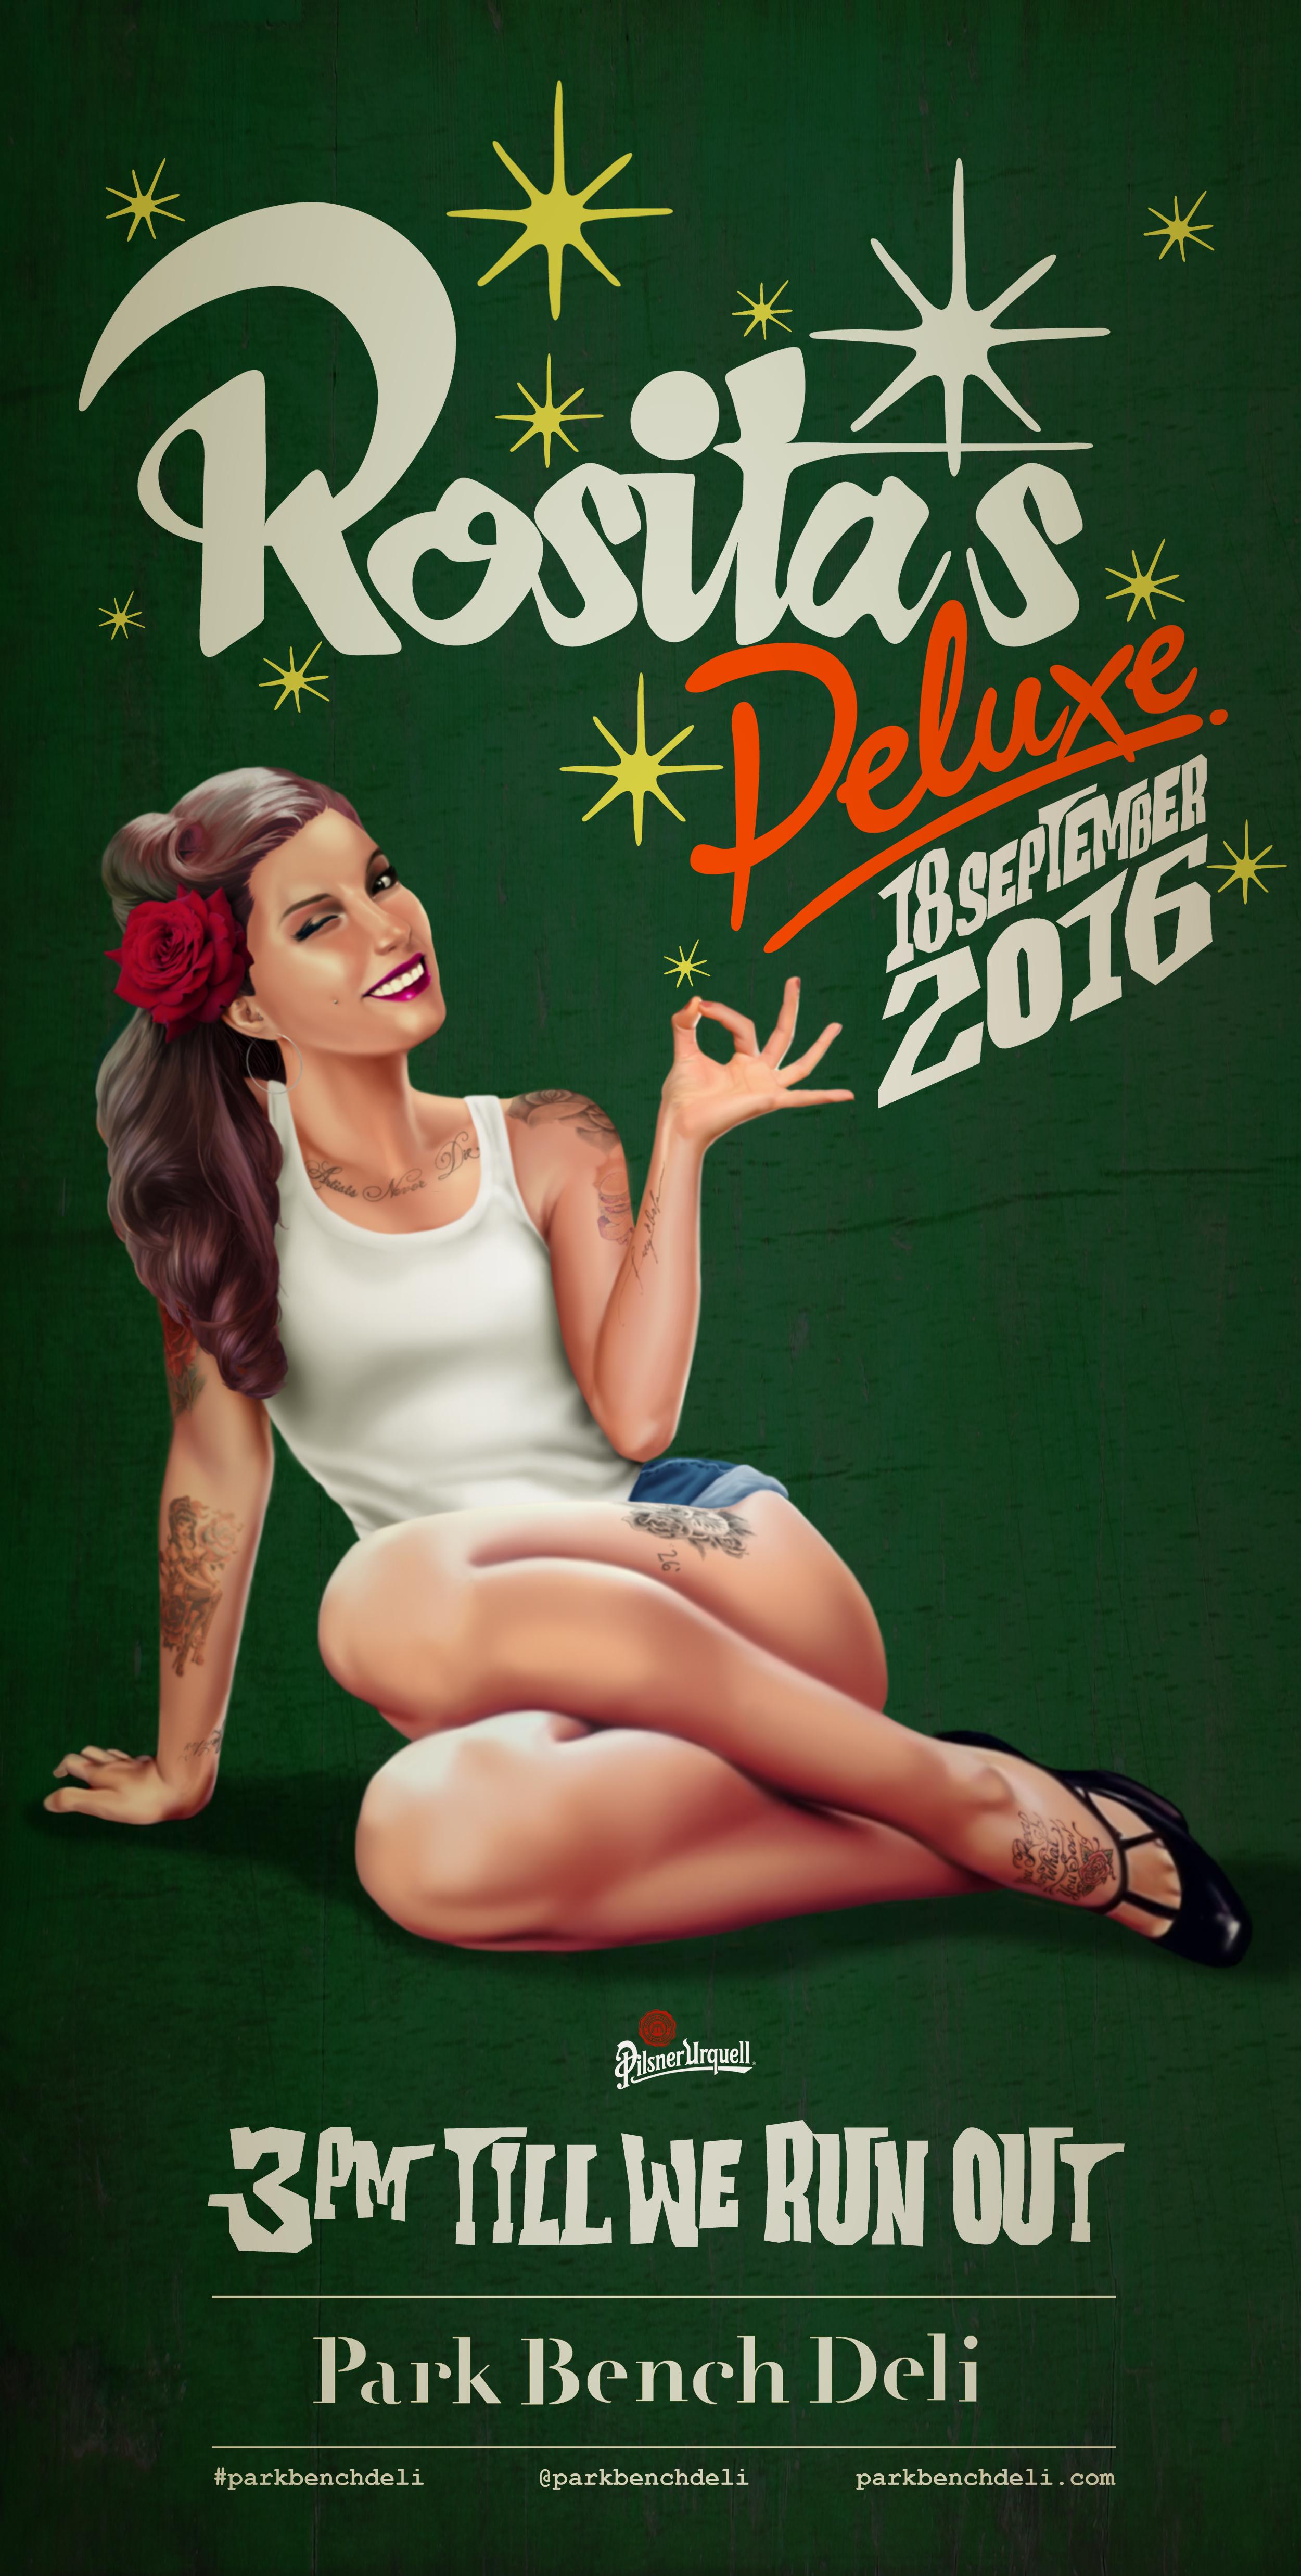 Rosita's Deluxe at Park Bench Deli